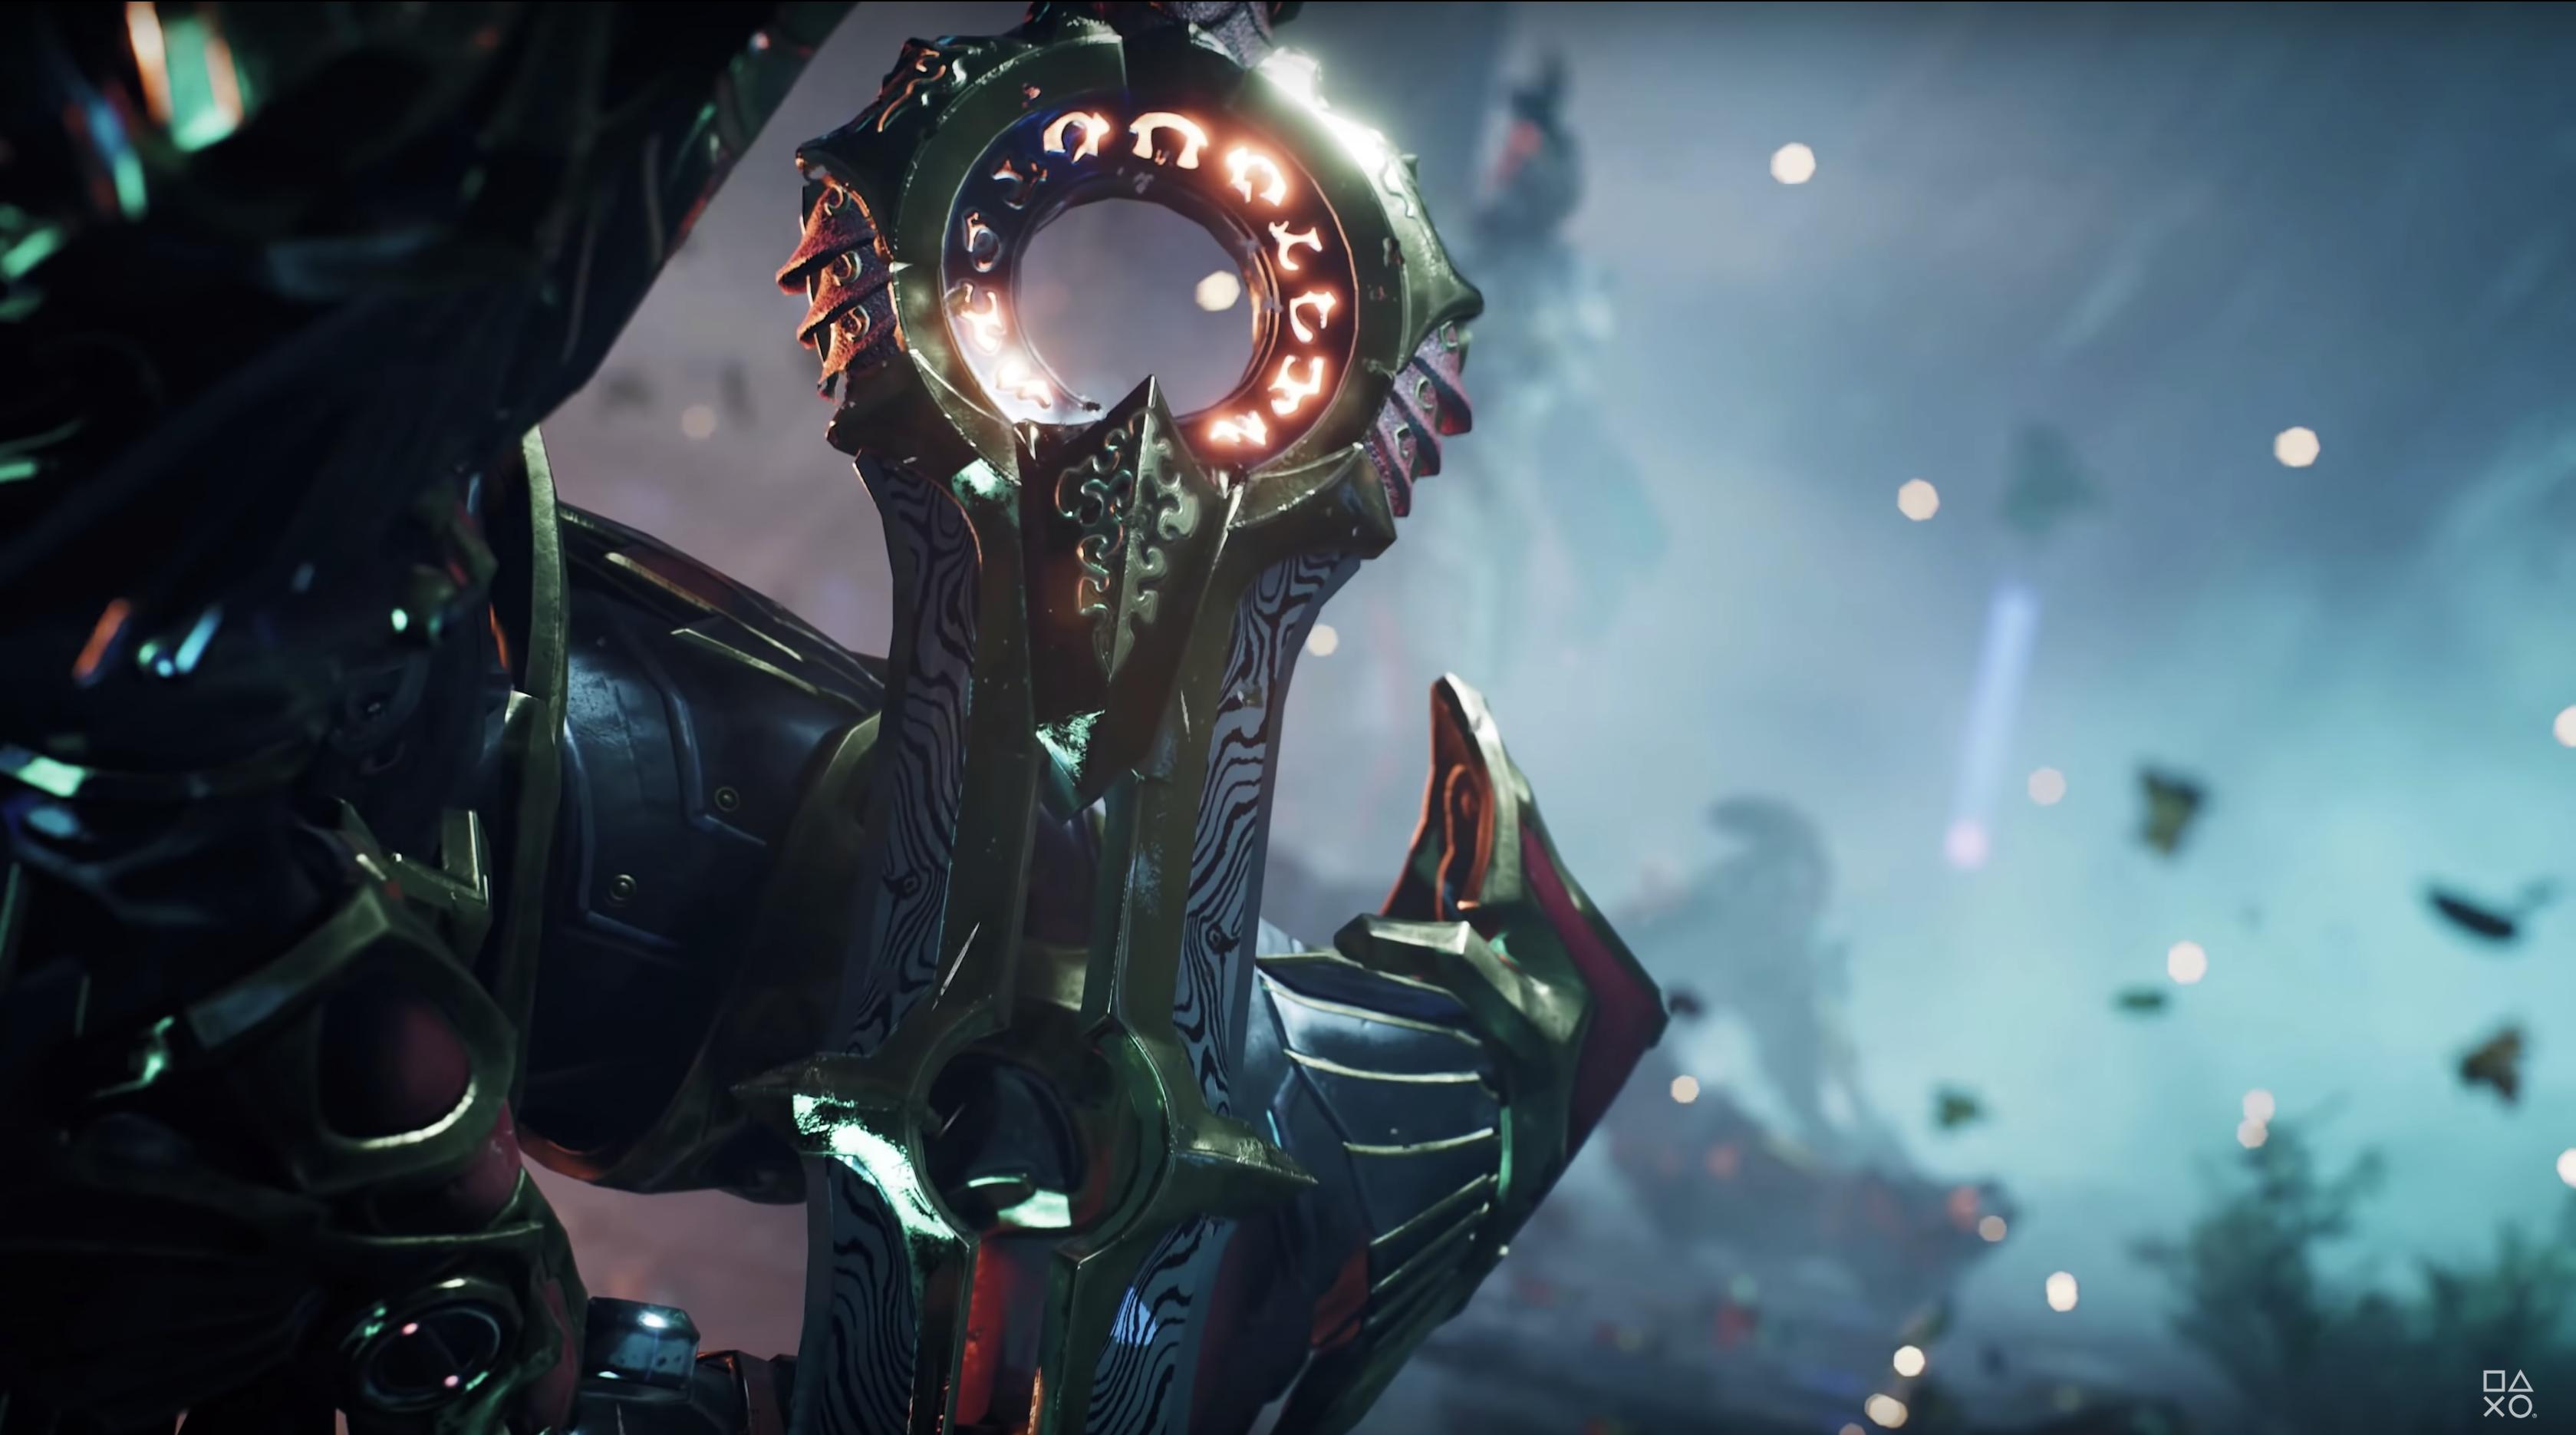 PS5用ソフト『Godfall』発表!高画質なPS5のゲーム映像を公開!?